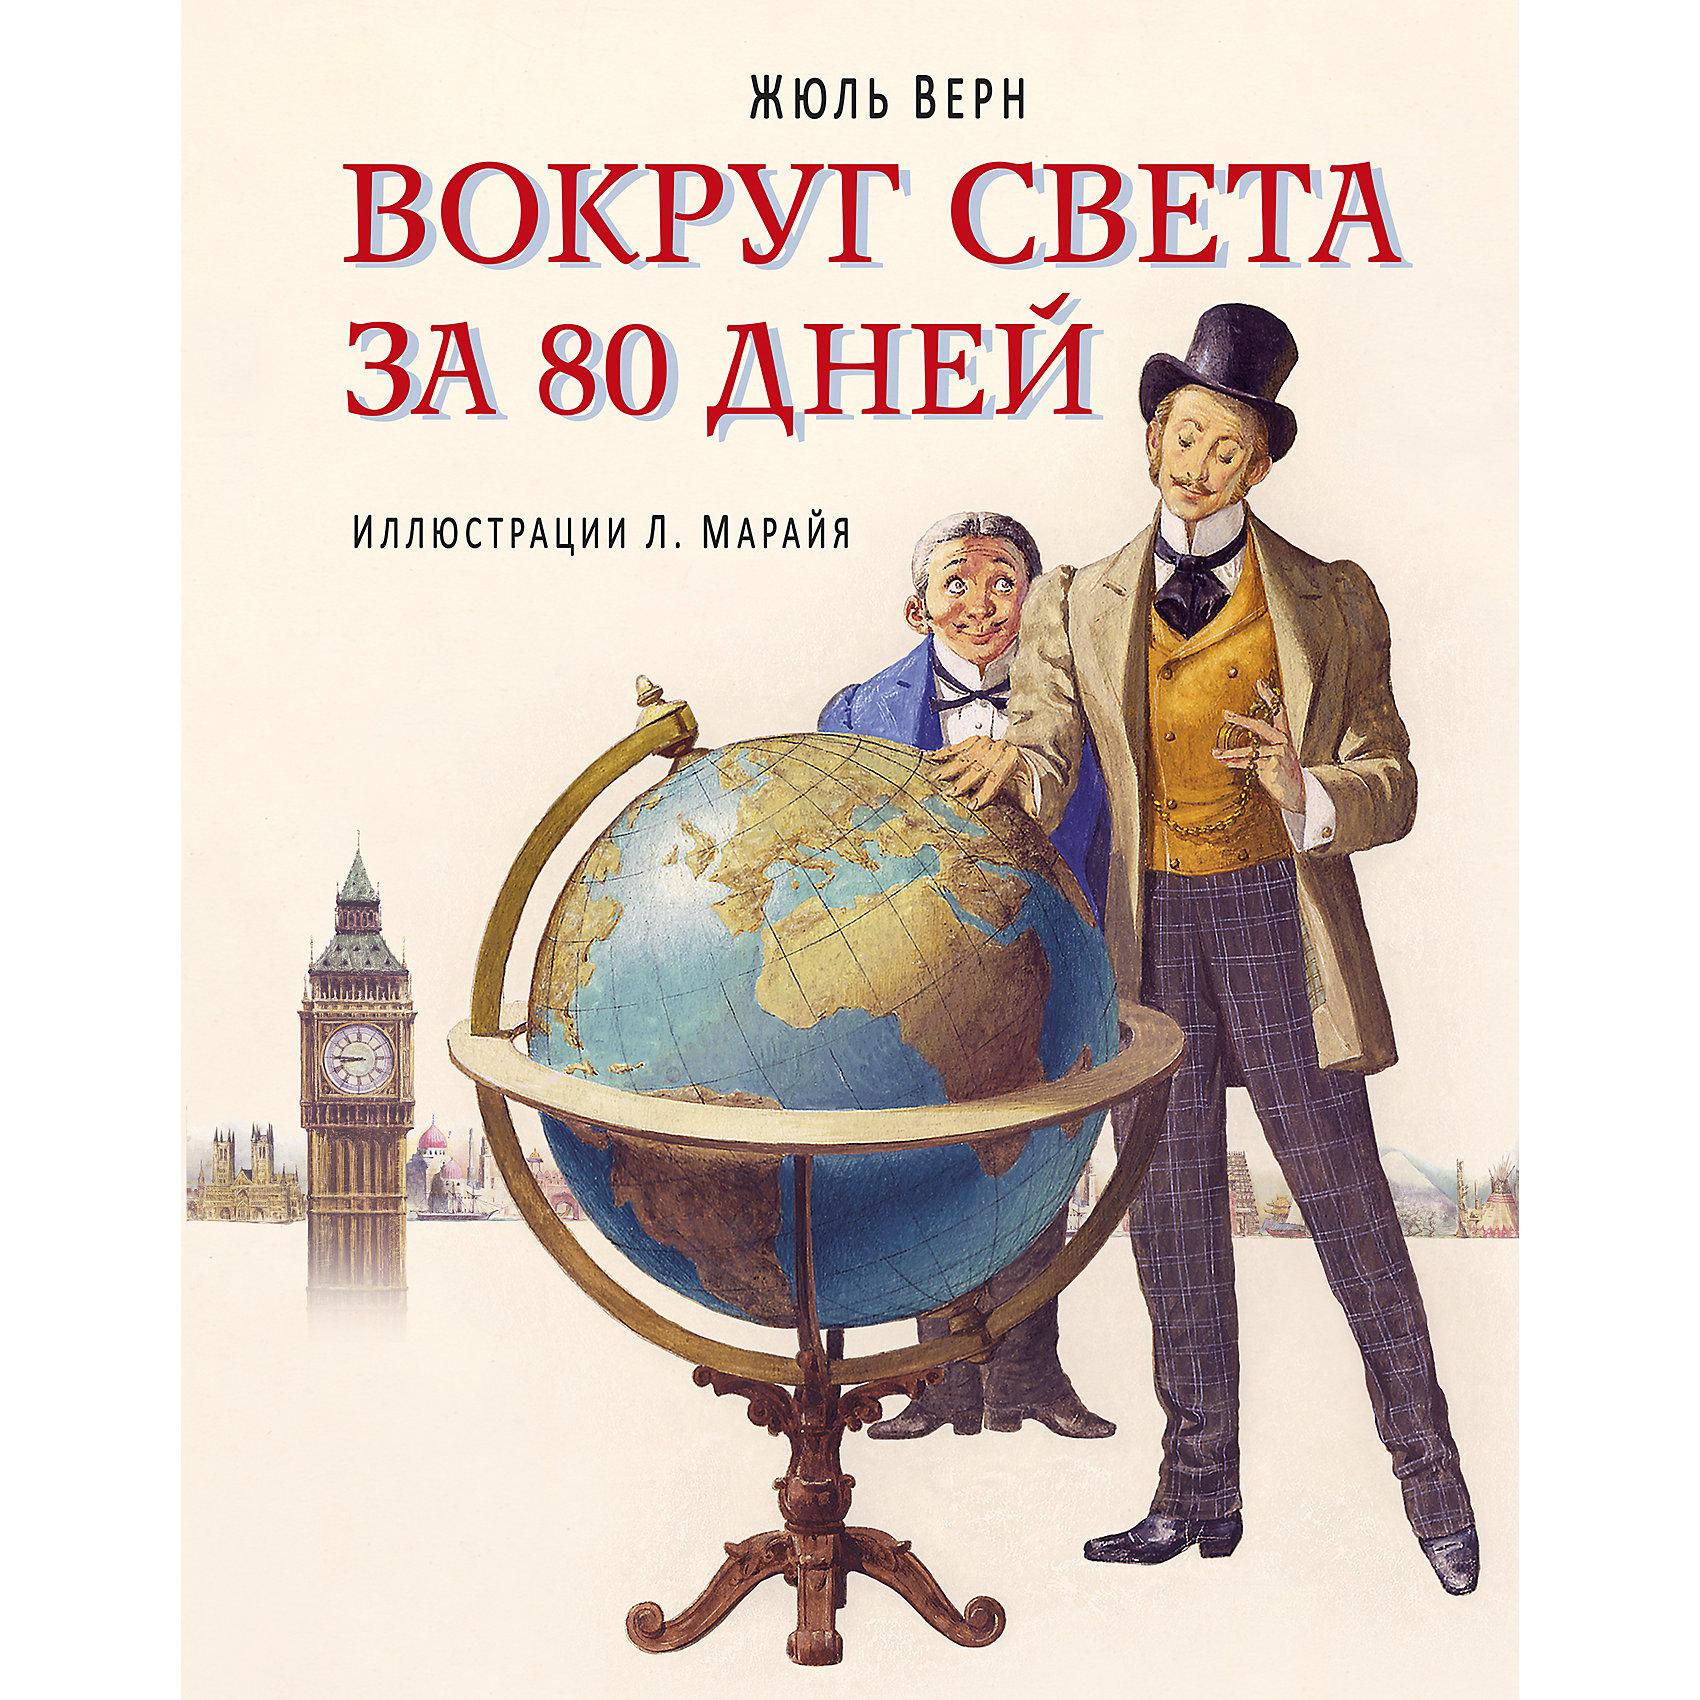 Эксмо Вокруг света за 80 дней, Жюль Верн верн жюль габриэль вокруг света за 80 дней